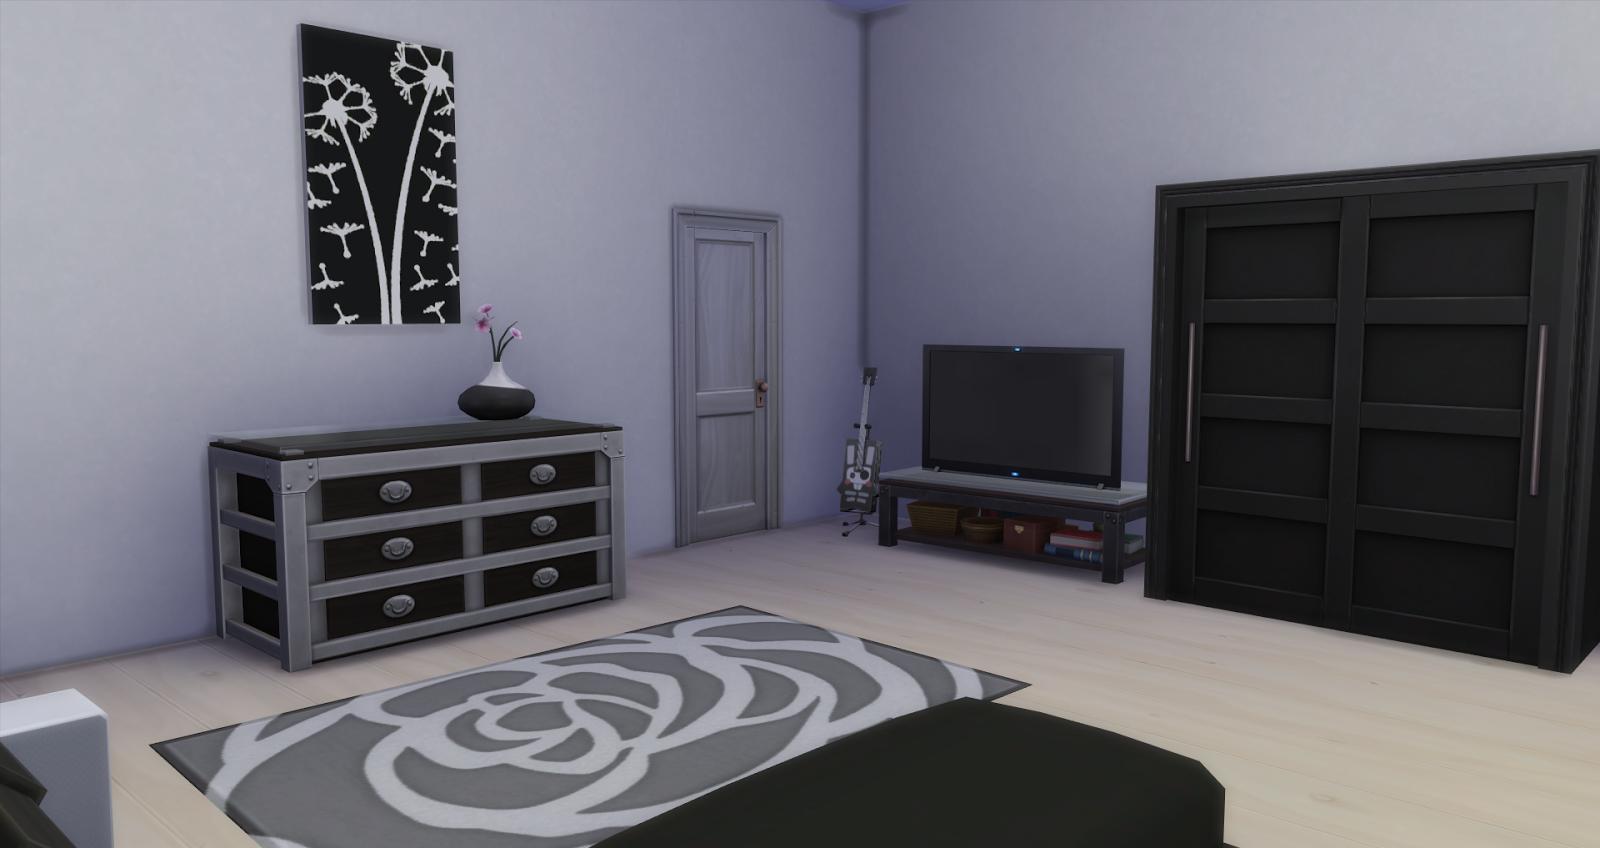 wohnzimmer creme weis amped for